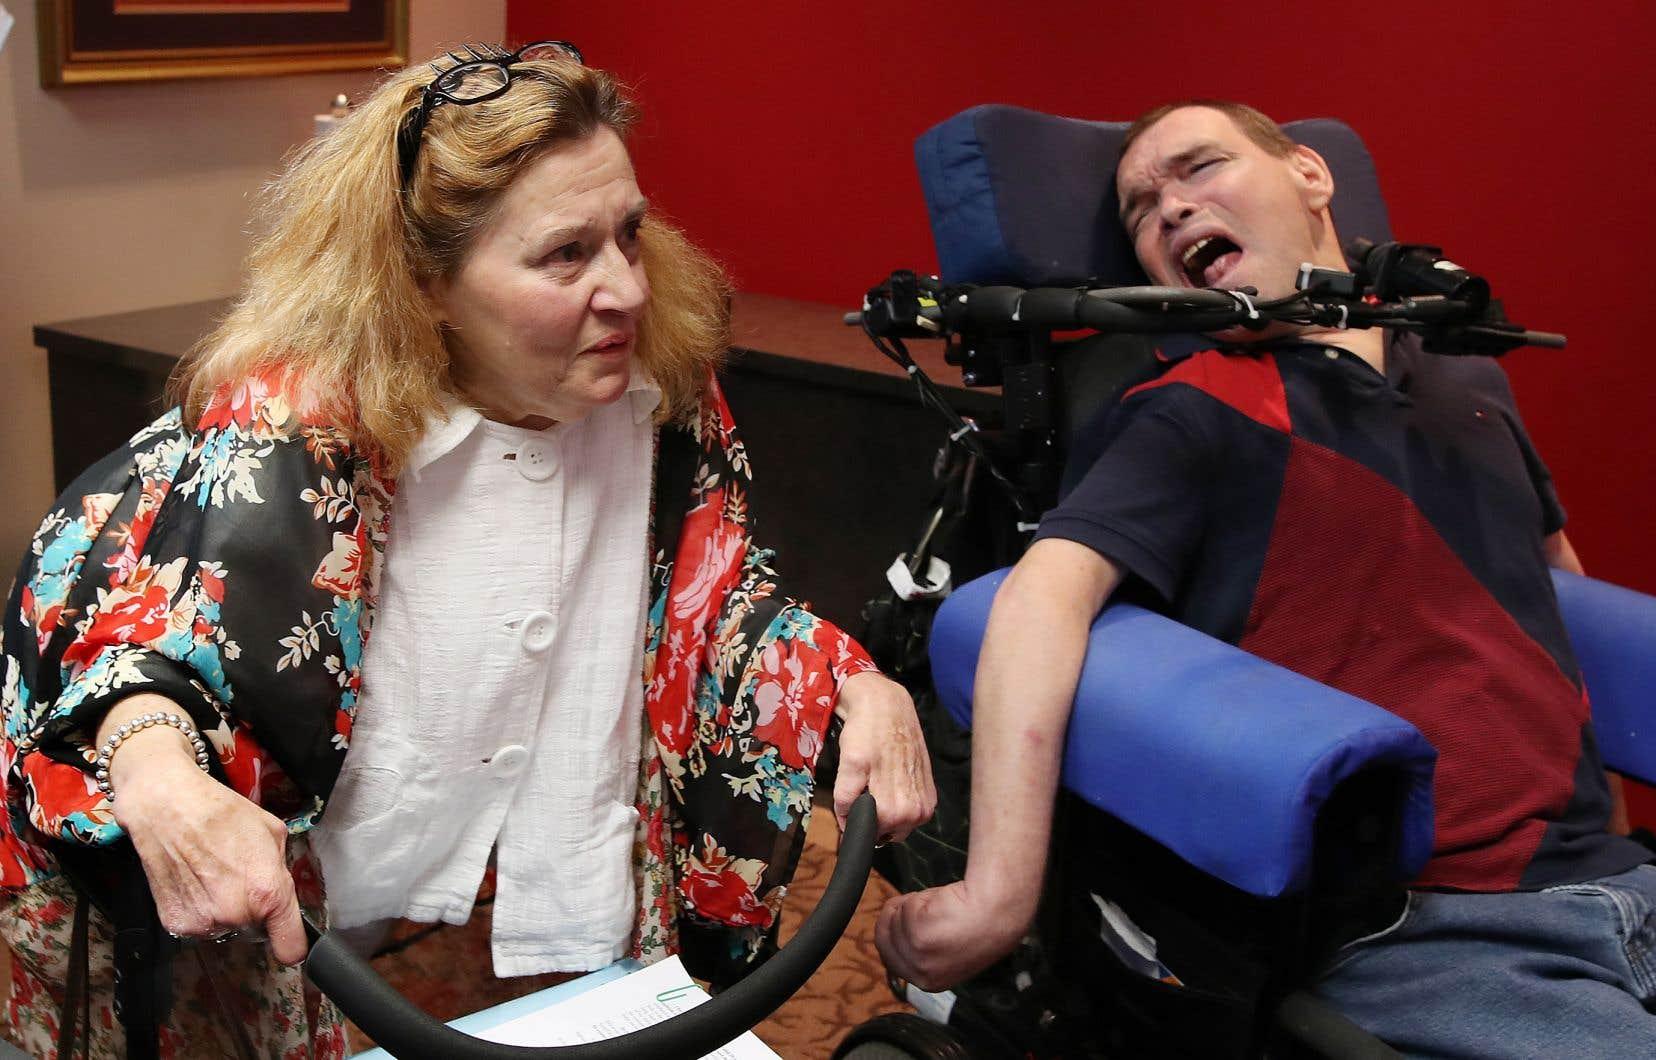 La Cour a accordé à Nicole Gladu et à Jean Truchon le droit de se prévaloir sans attendre de l'aide médicale à mourir puisqu'ils ont contesté cet aspect de la loi.